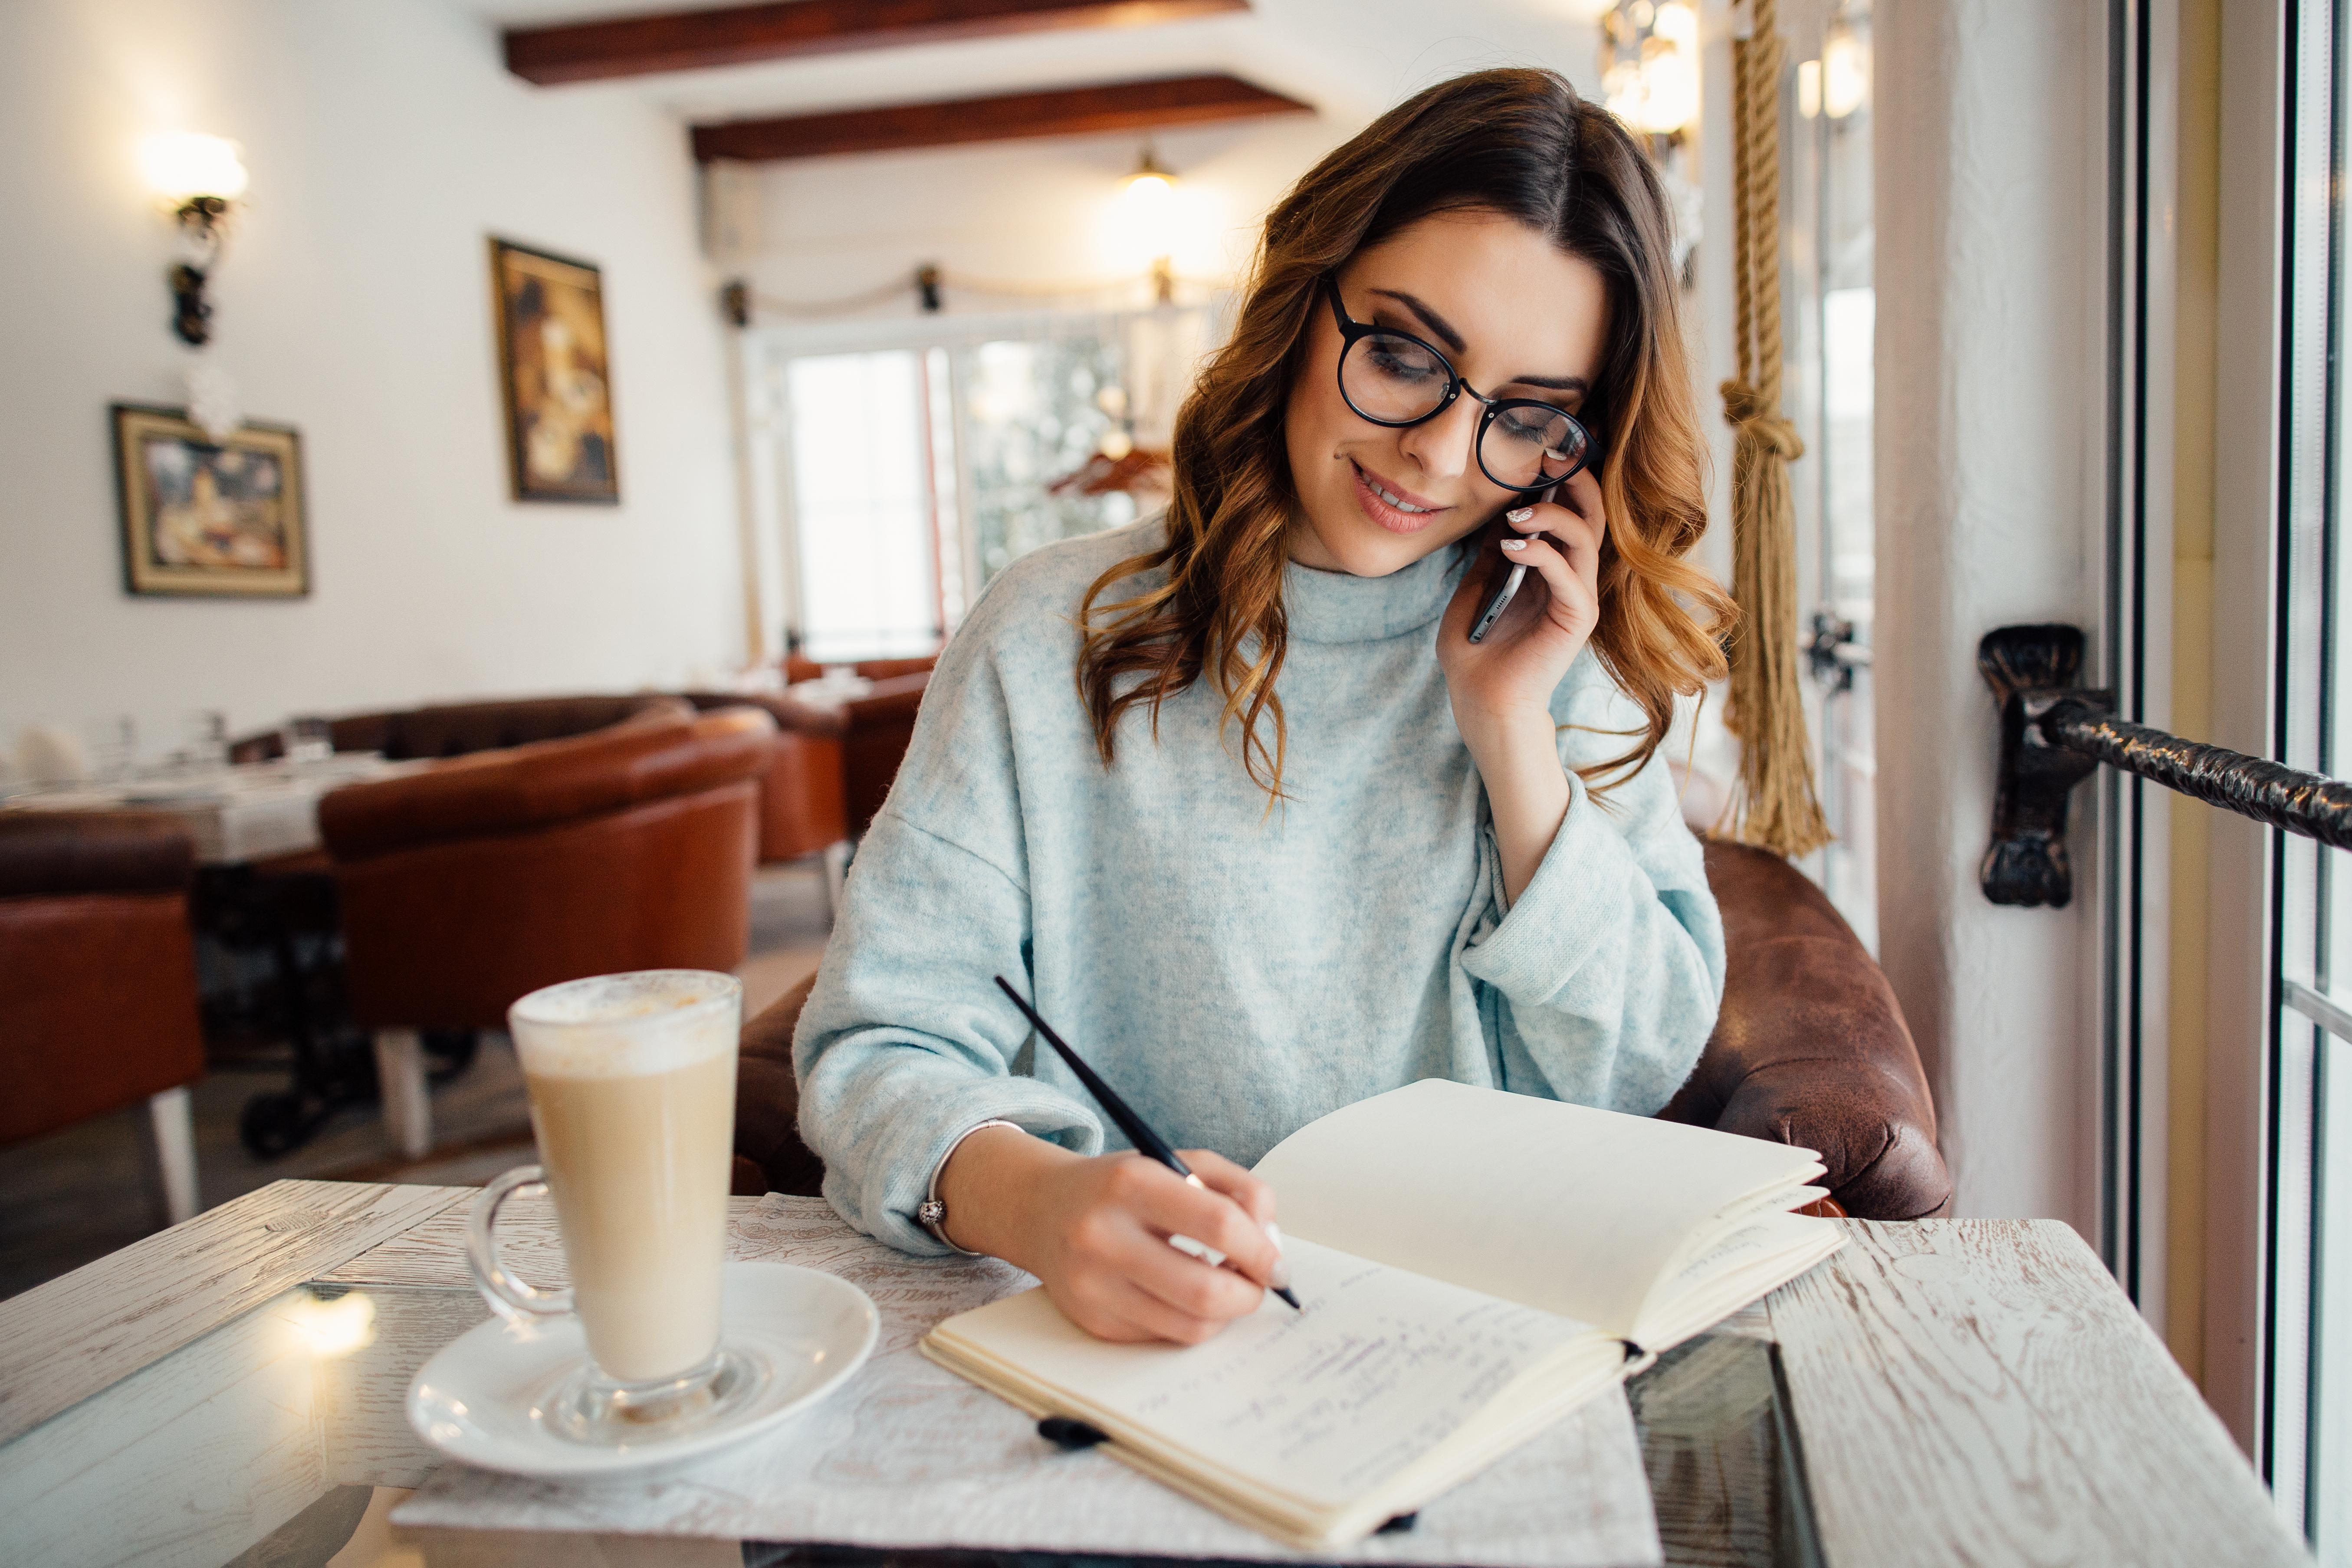 【女性OL必見】大手企業とベンチャー働き方の違い